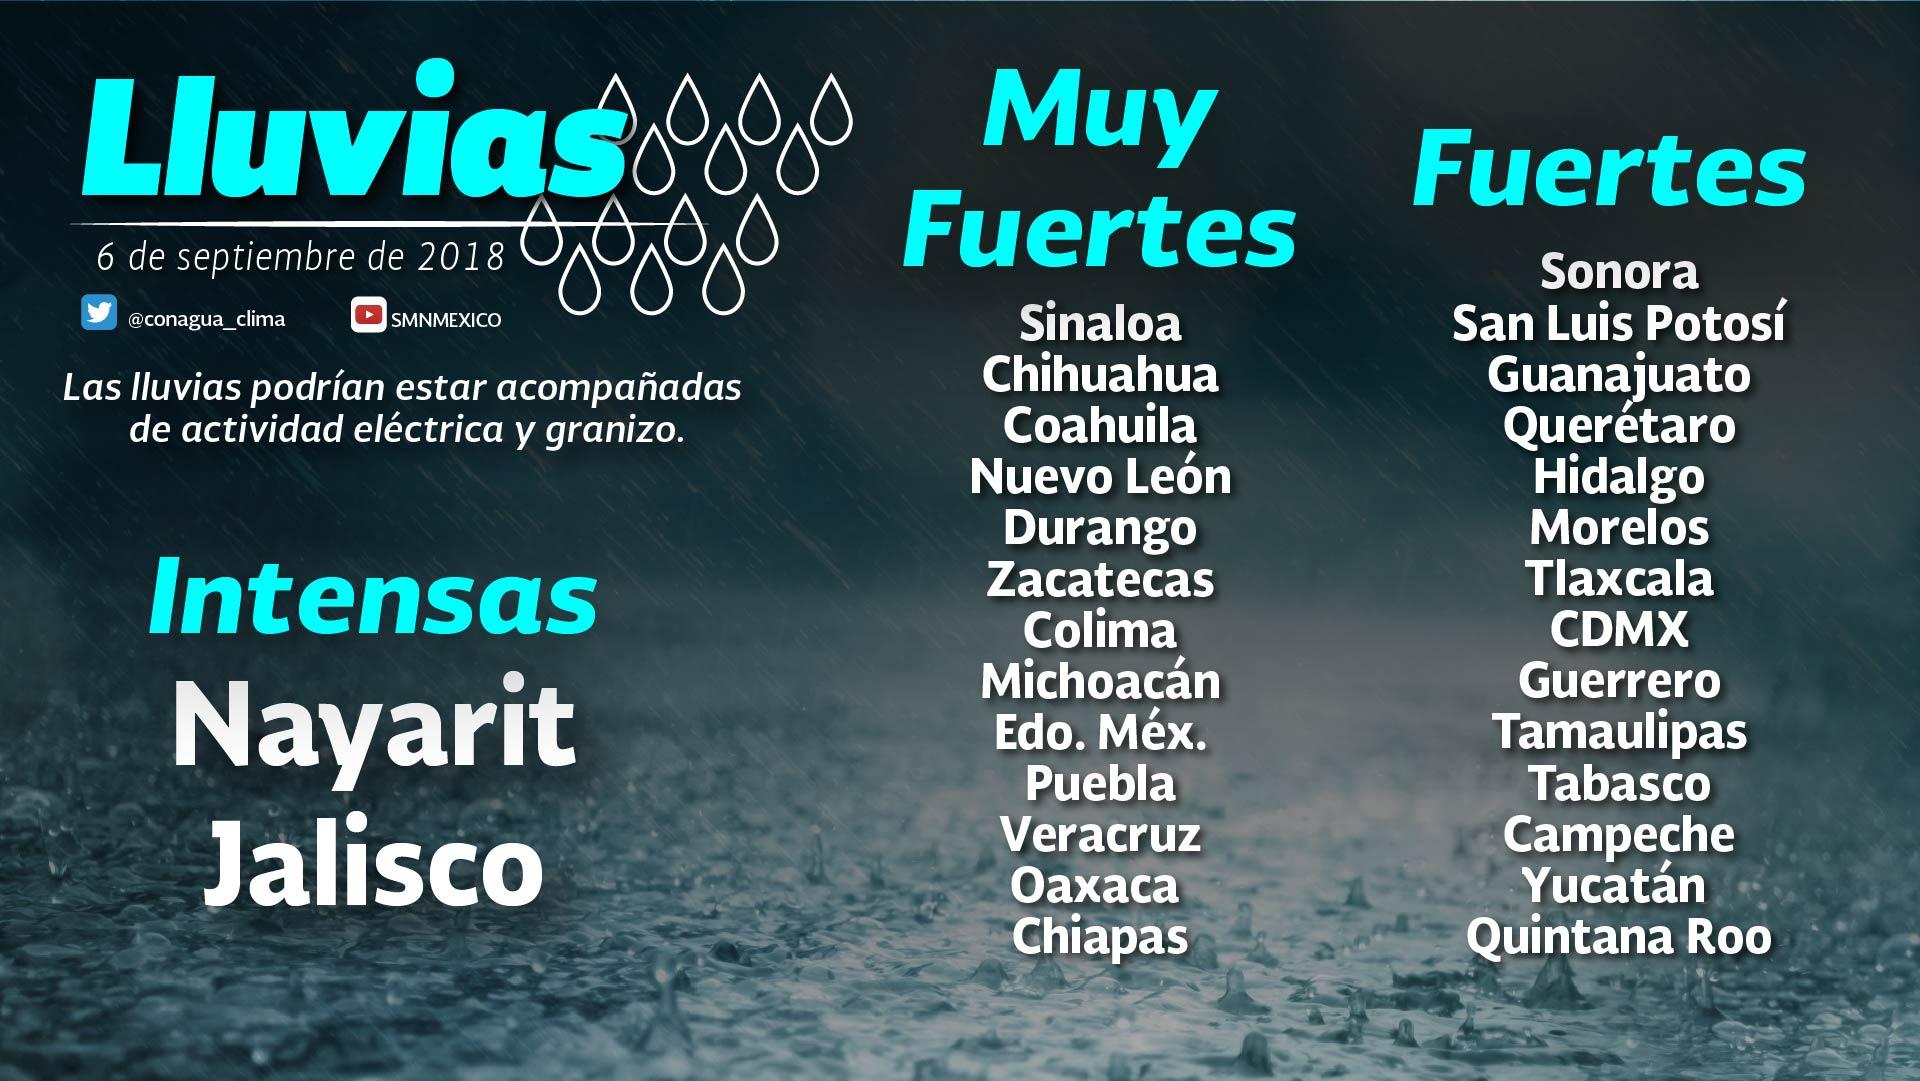 Prevalece el pronóstico de tormentas fuertes para Tlaxcala